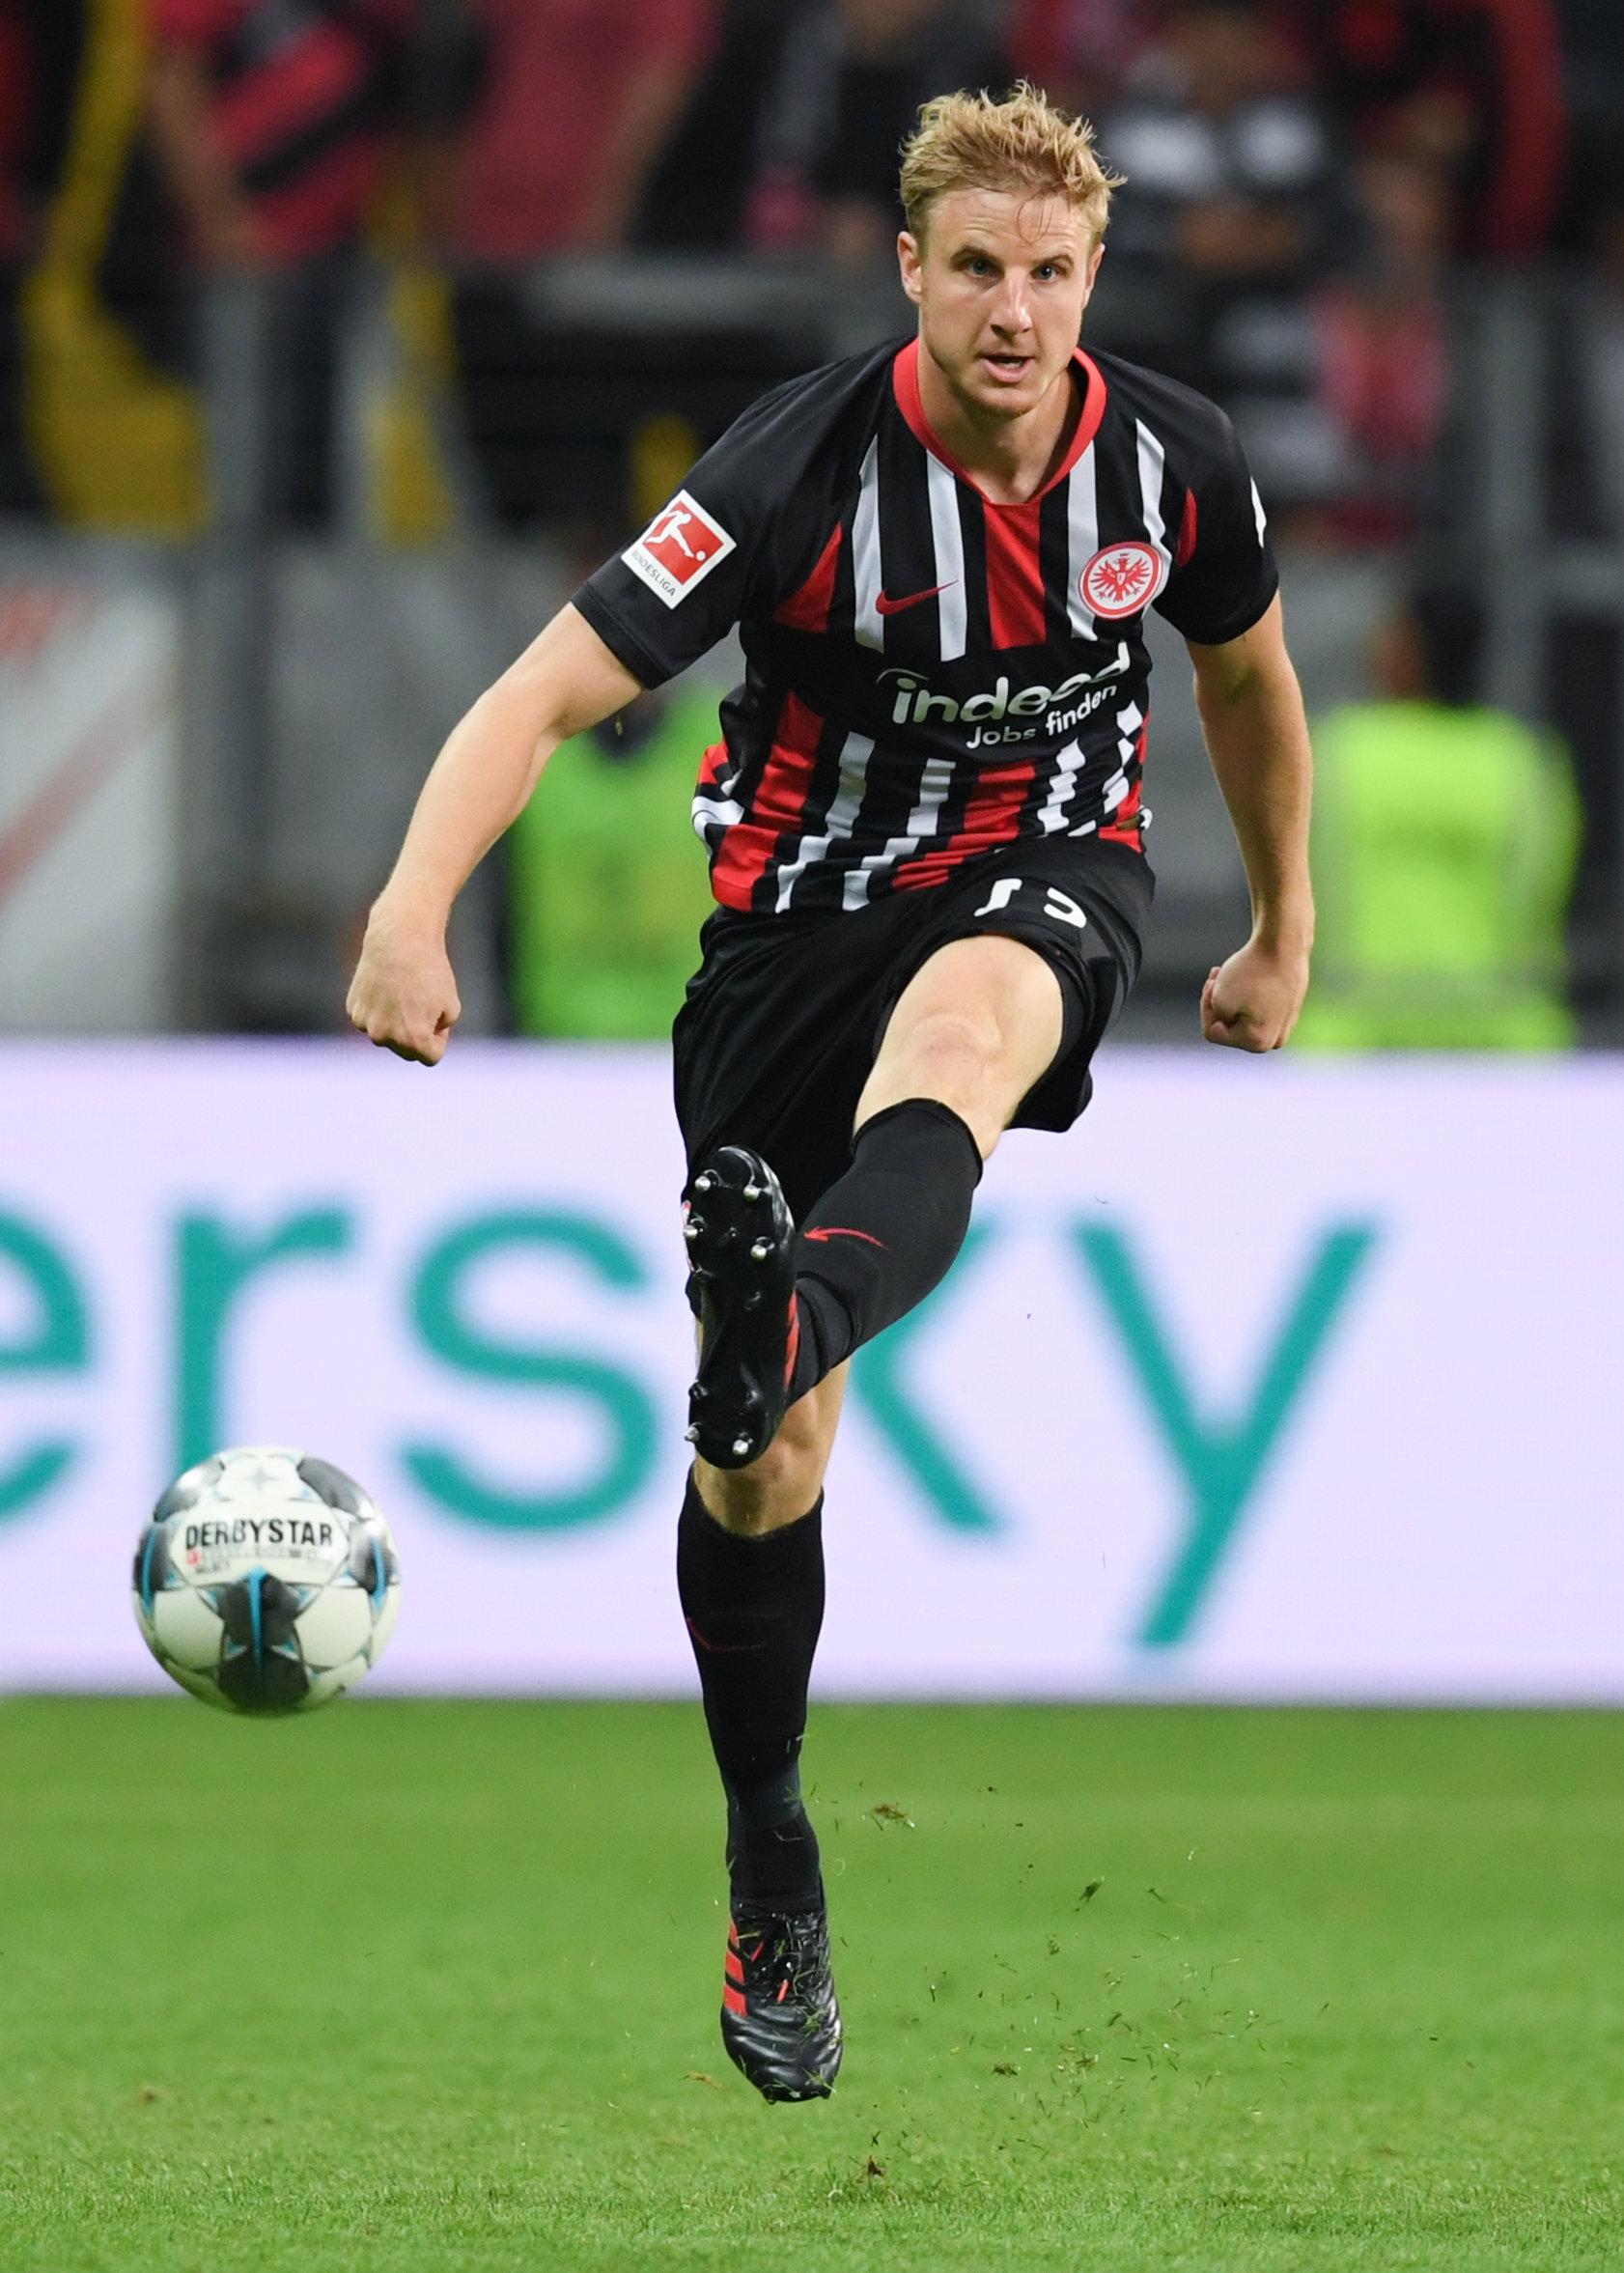 Martin Hinteregger fehlte im ÖFB-Team laut offizieller Begründung wegen einer Wadenverletzung.